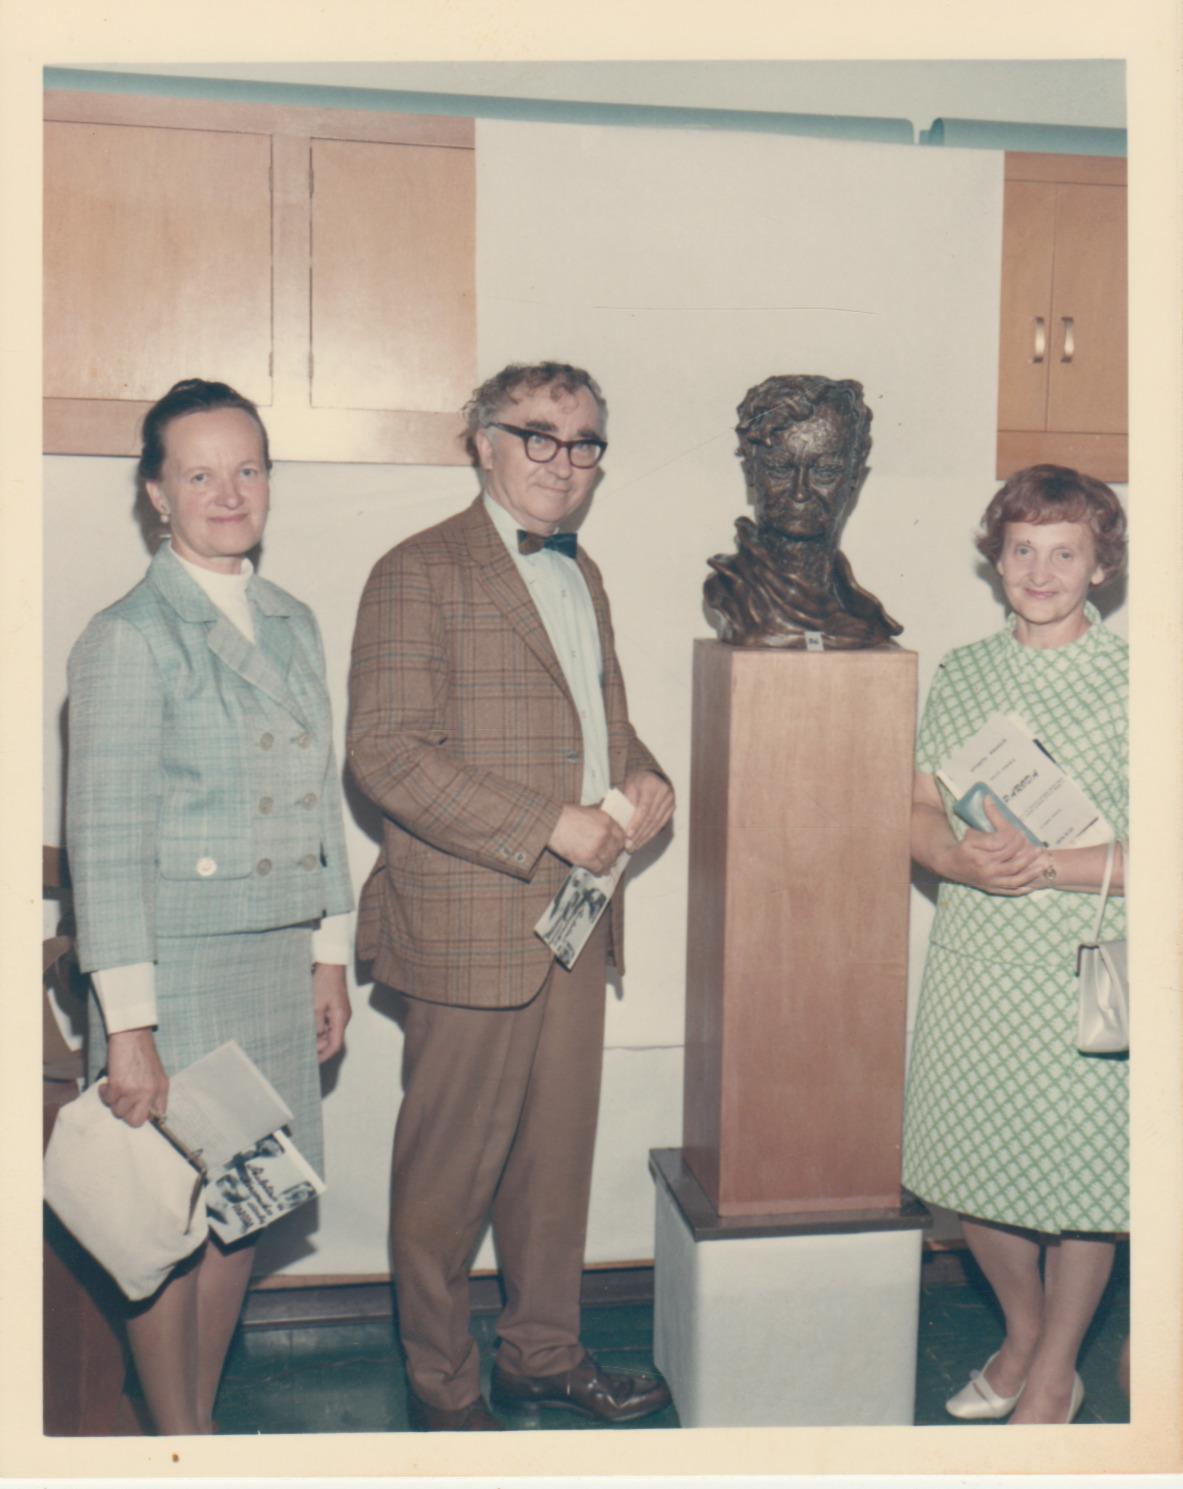 P. Gasparonio paroda Kalifornijoje. 1970 m. Iš kairės: Alė Rūta, B. Brazdžionis, A. Brazdžionienė